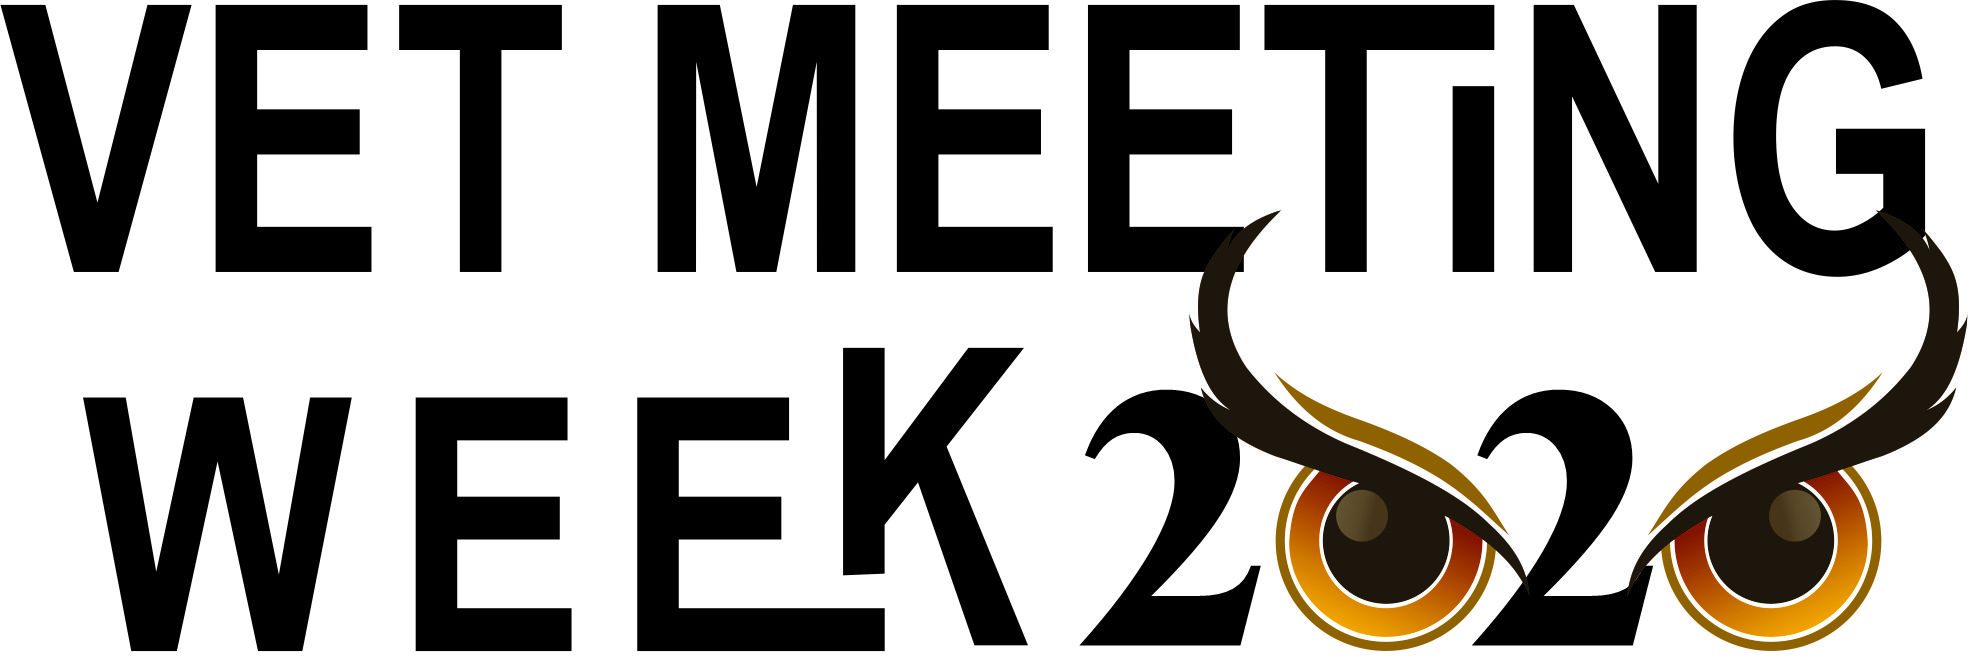 Vet Meeting Week - Semana de Atualização em Medicina Veterinária